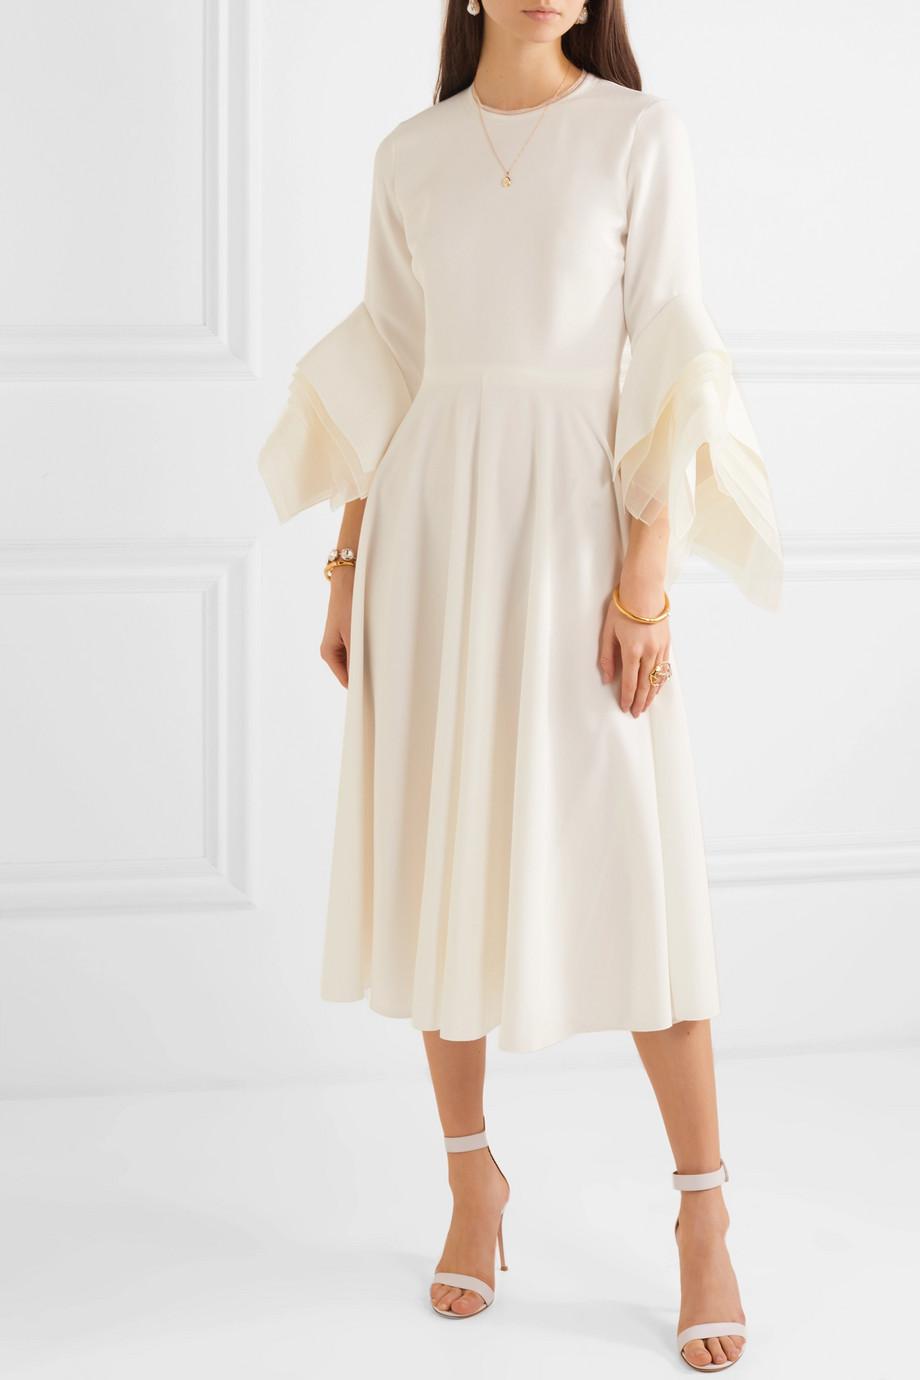 Vestidos de novia que puedes comprar en ínter